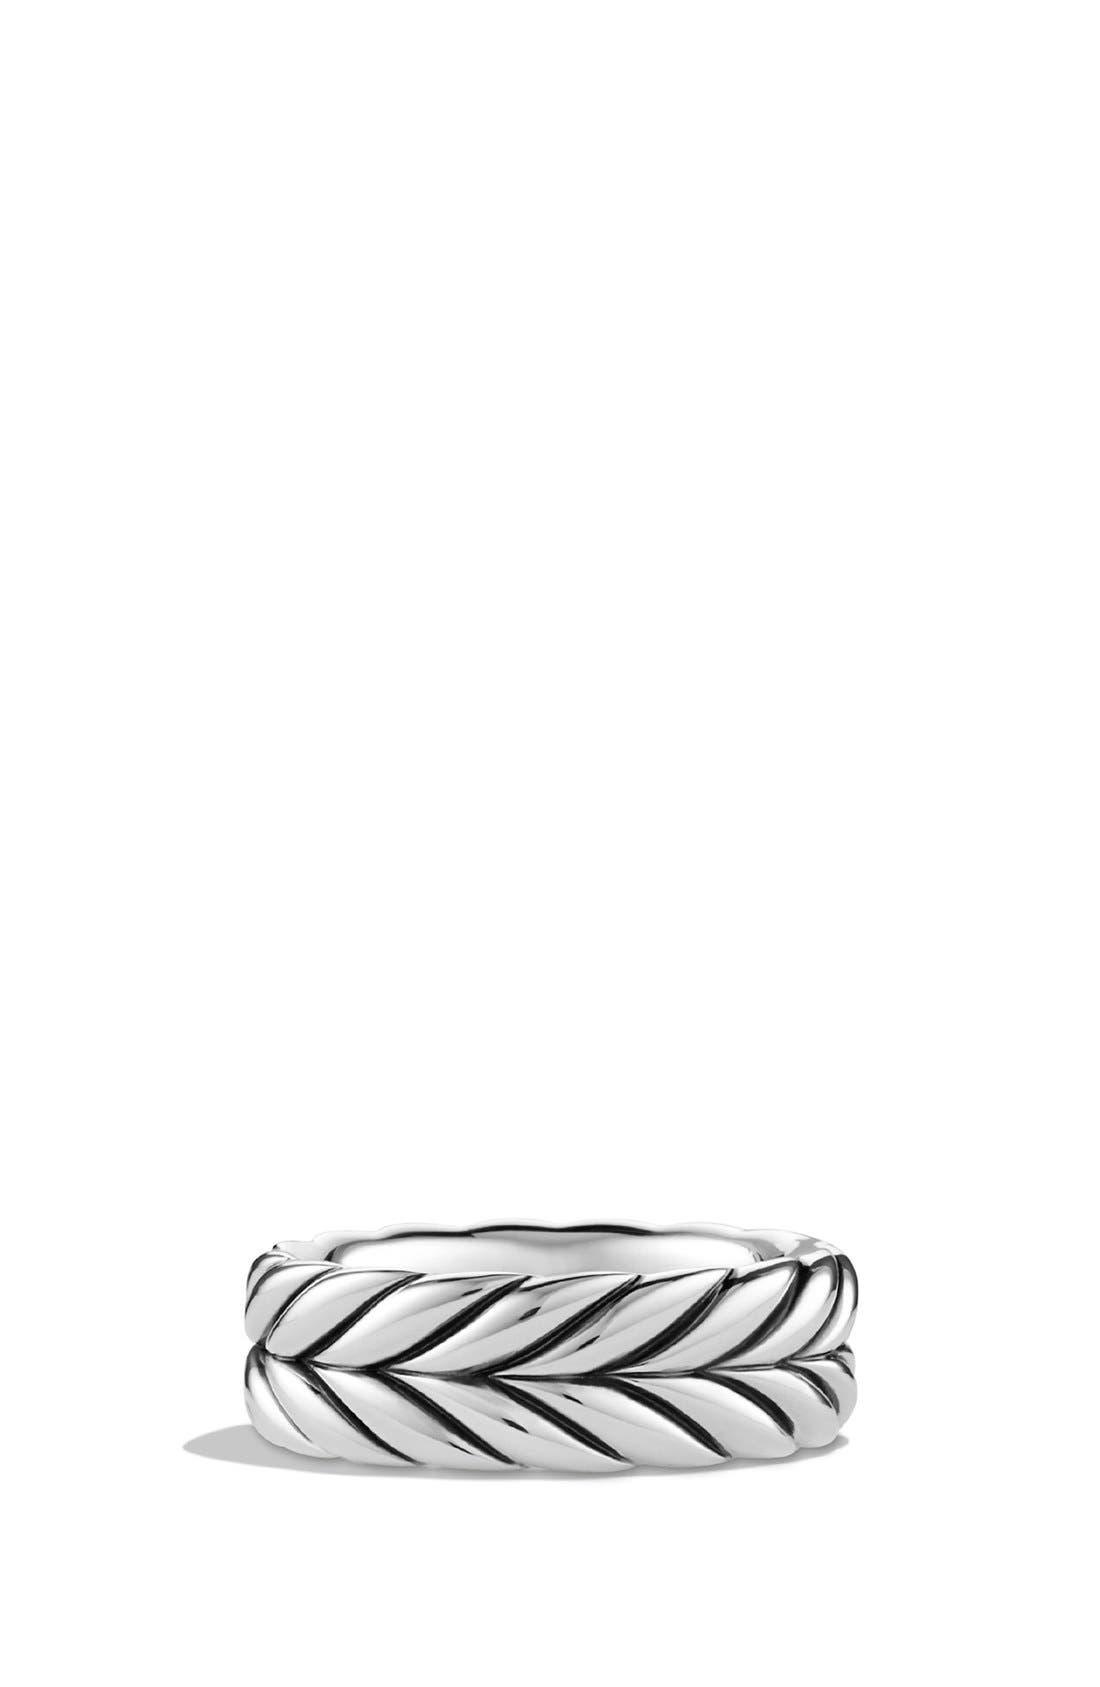 Main Image - David Yurman 'Chevron' Band Ring